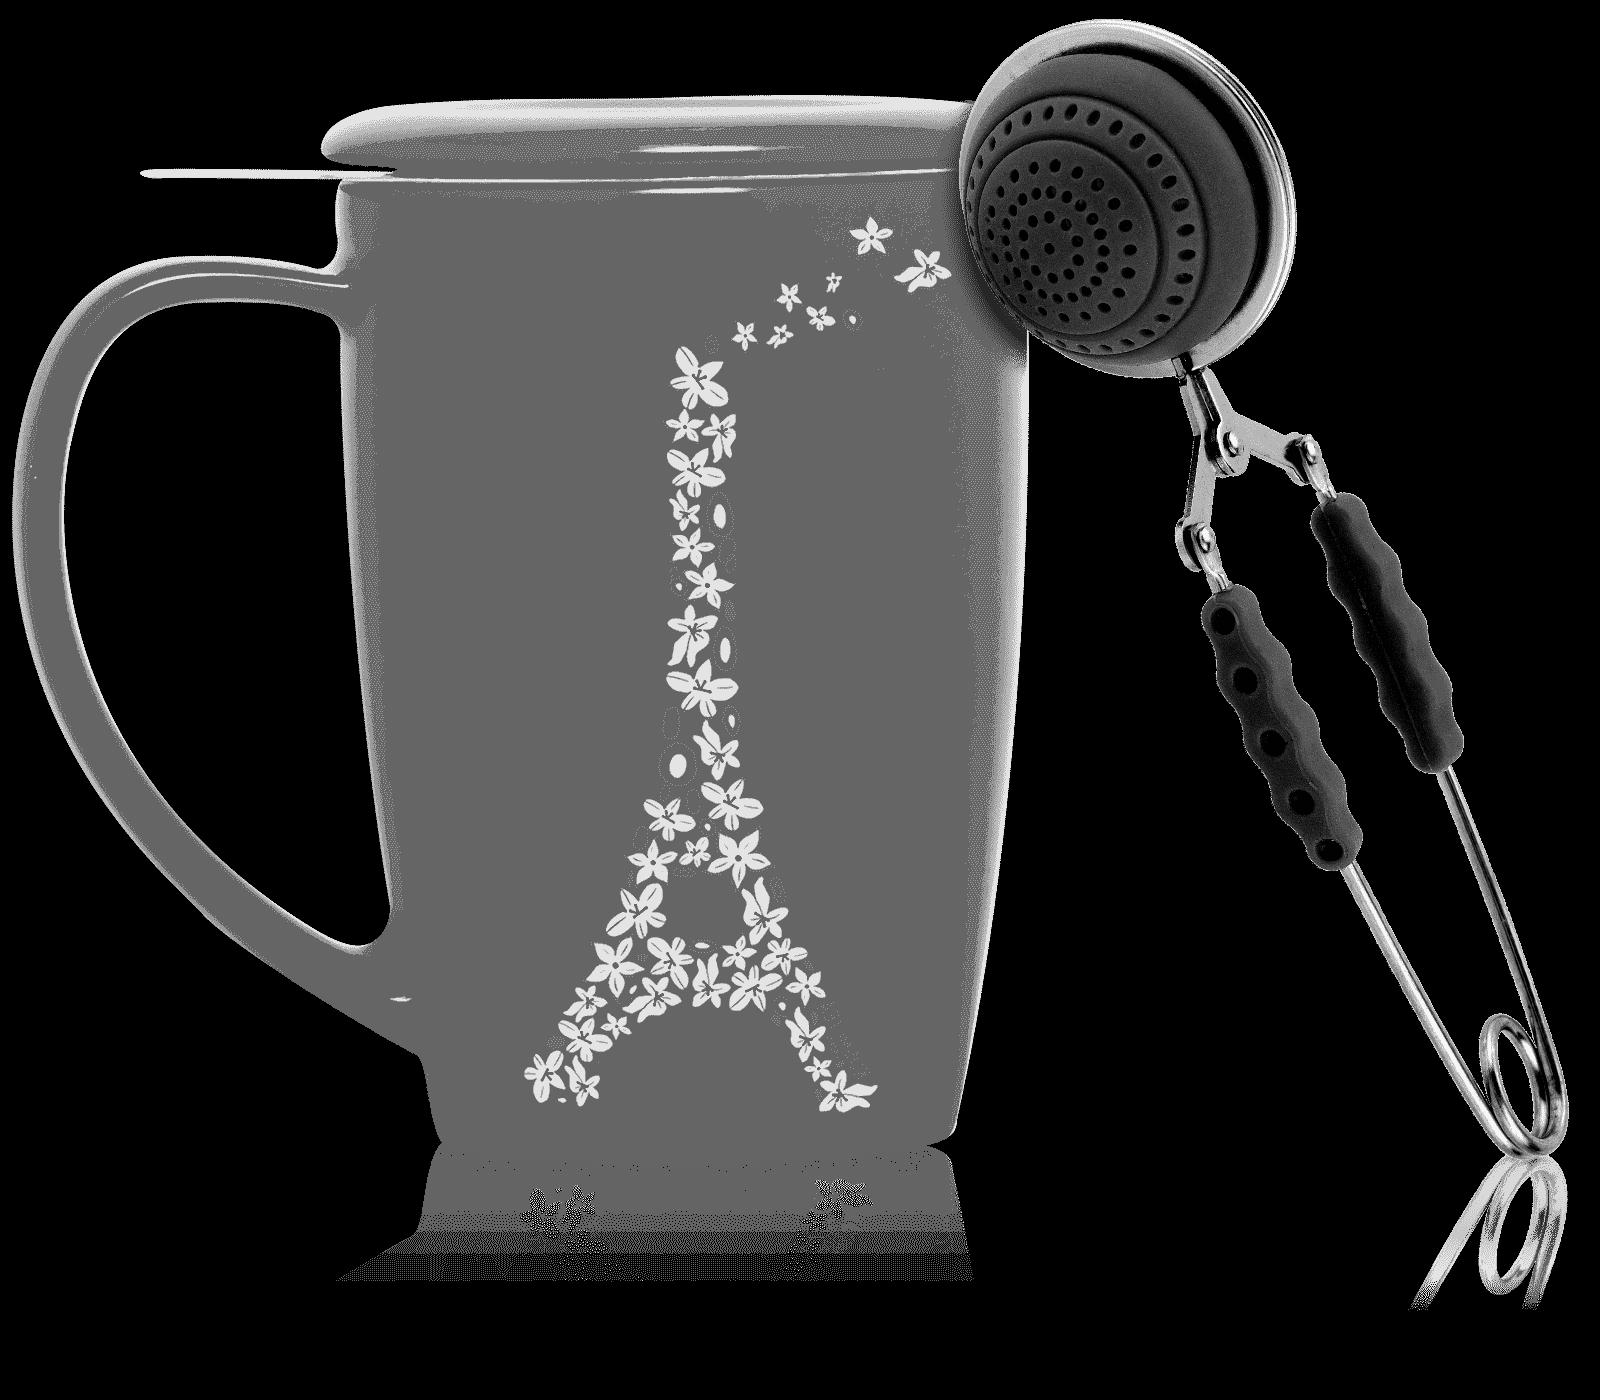 Pince à thé noire - Accessoire pour le thé - Kusmi Tea